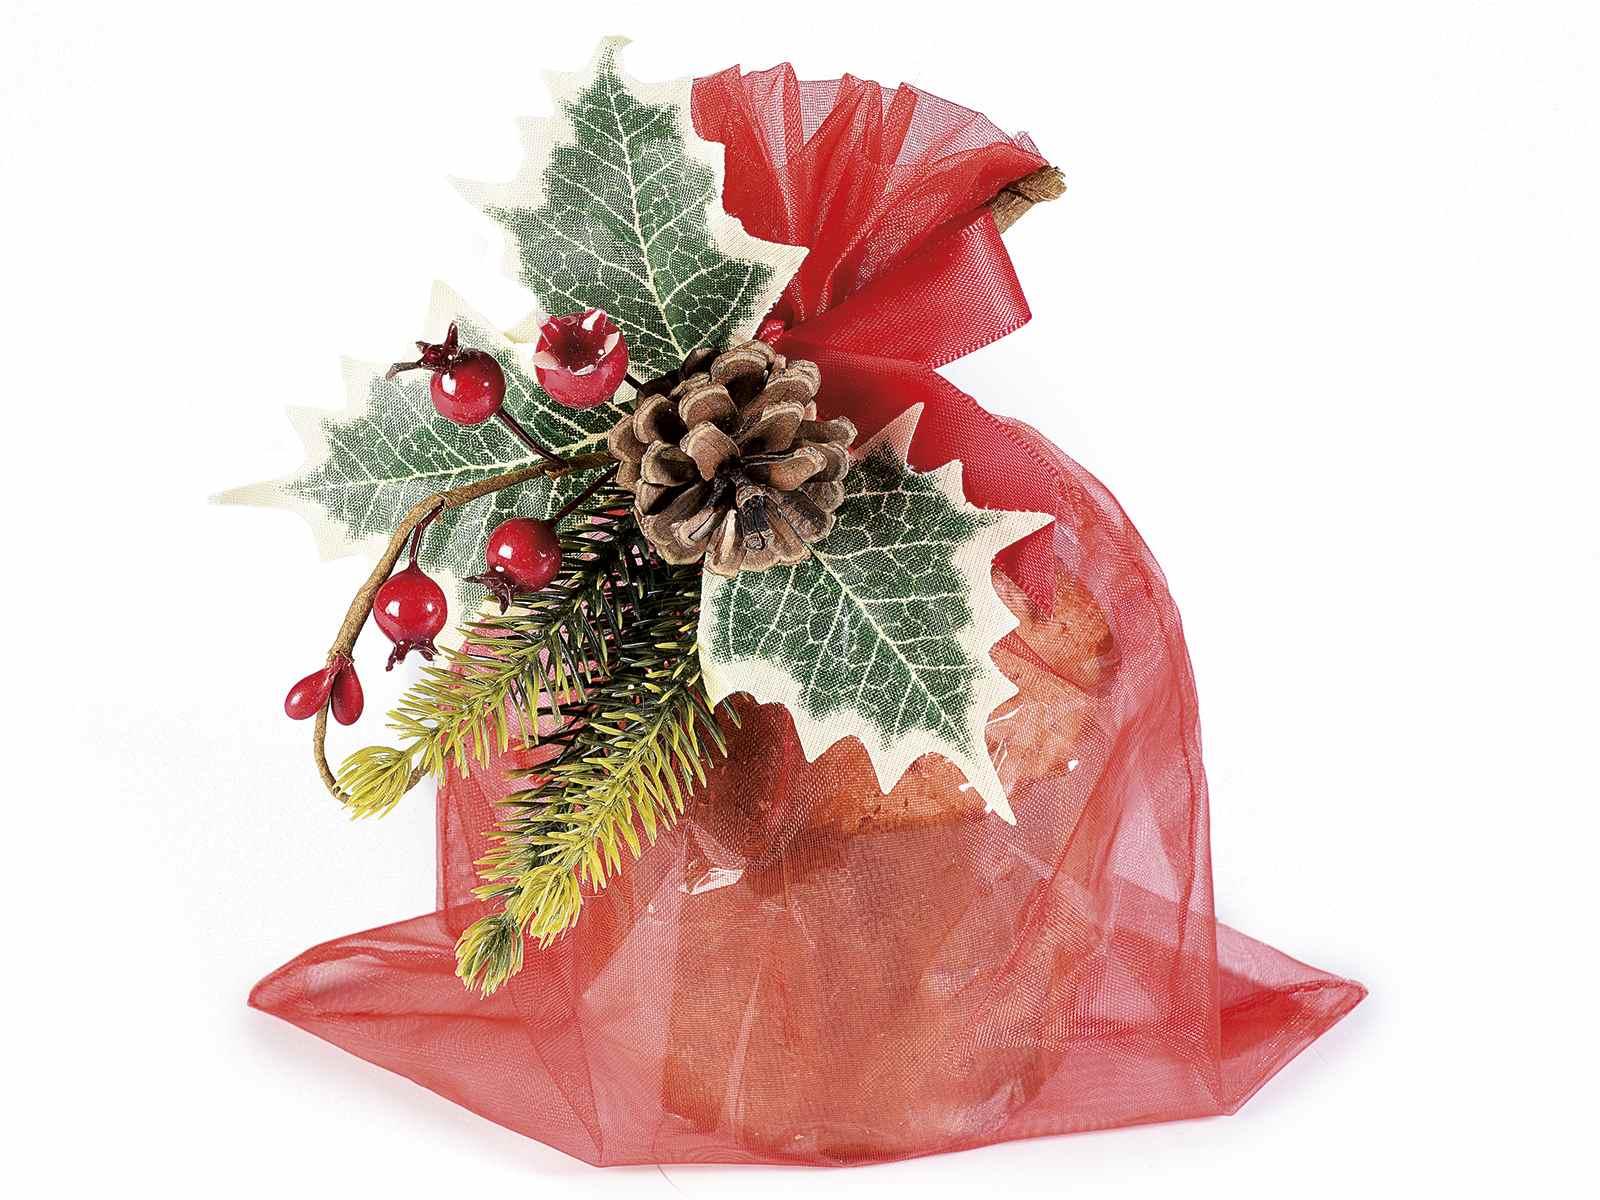 Bouquet De Noel Avec Du Houx bouquet de houx avec pigne et baies rouges (09.01.86) - art